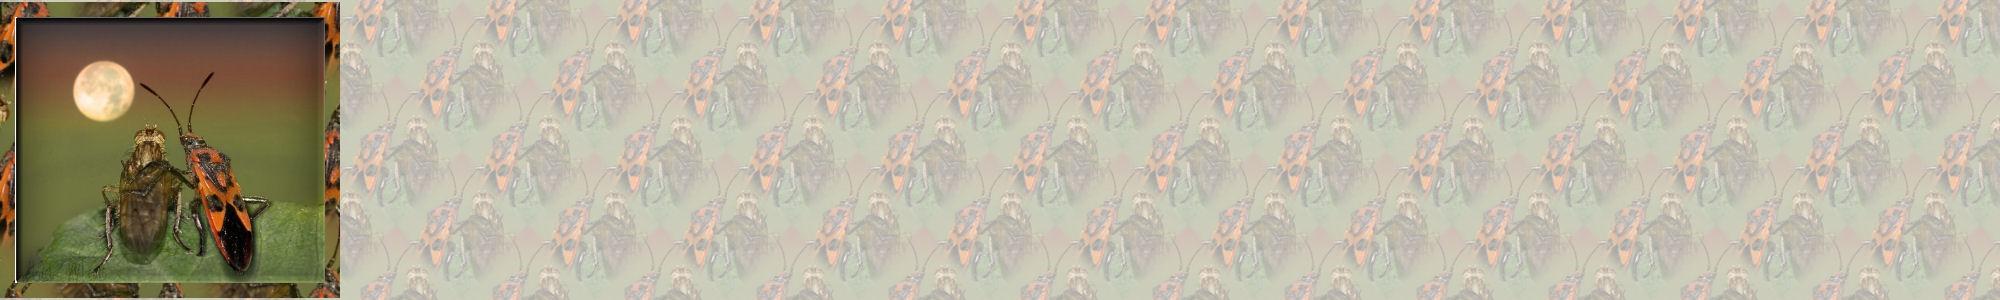 Fondo IM insectos_004.imf